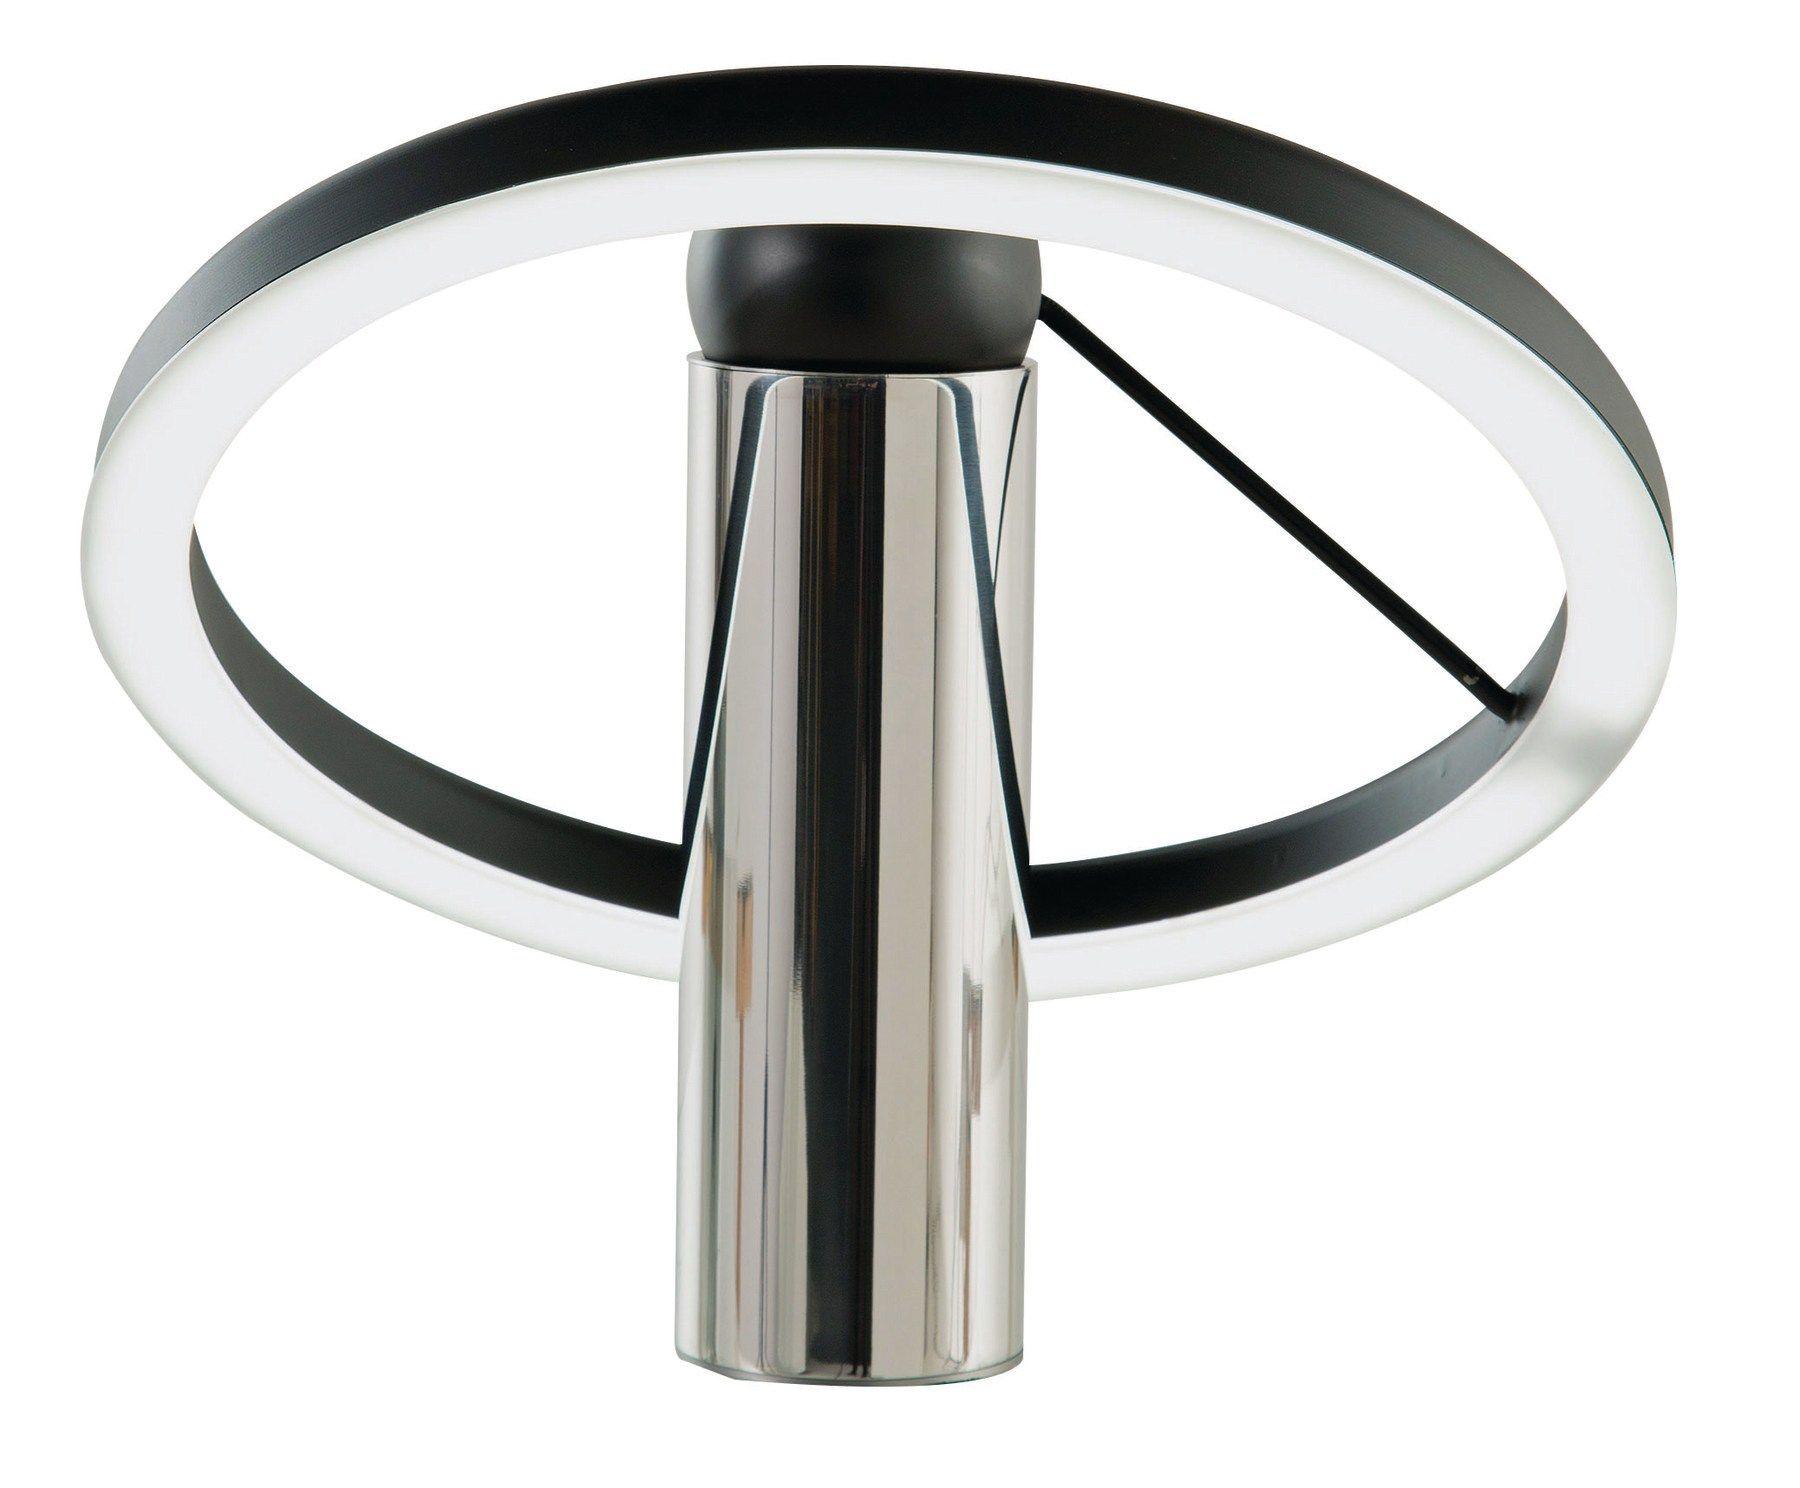 lampe de table led orientable en acier azimut by roche bobois design julien groboz. Black Bedroom Furniture Sets. Home Design Ideas